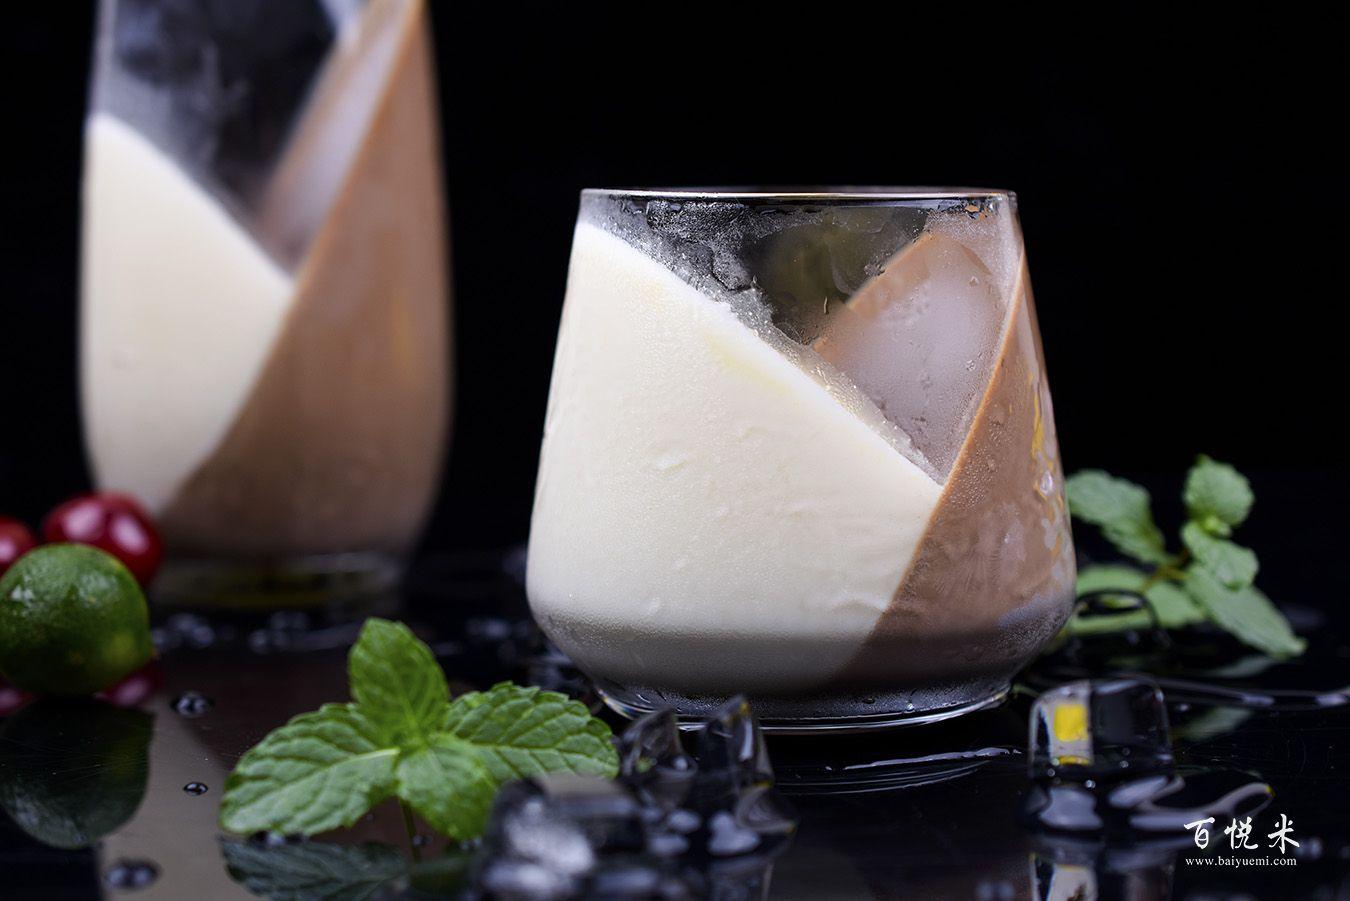 巧克力牛奶心形布丁高清图片大全【蛋糕图片】_1270